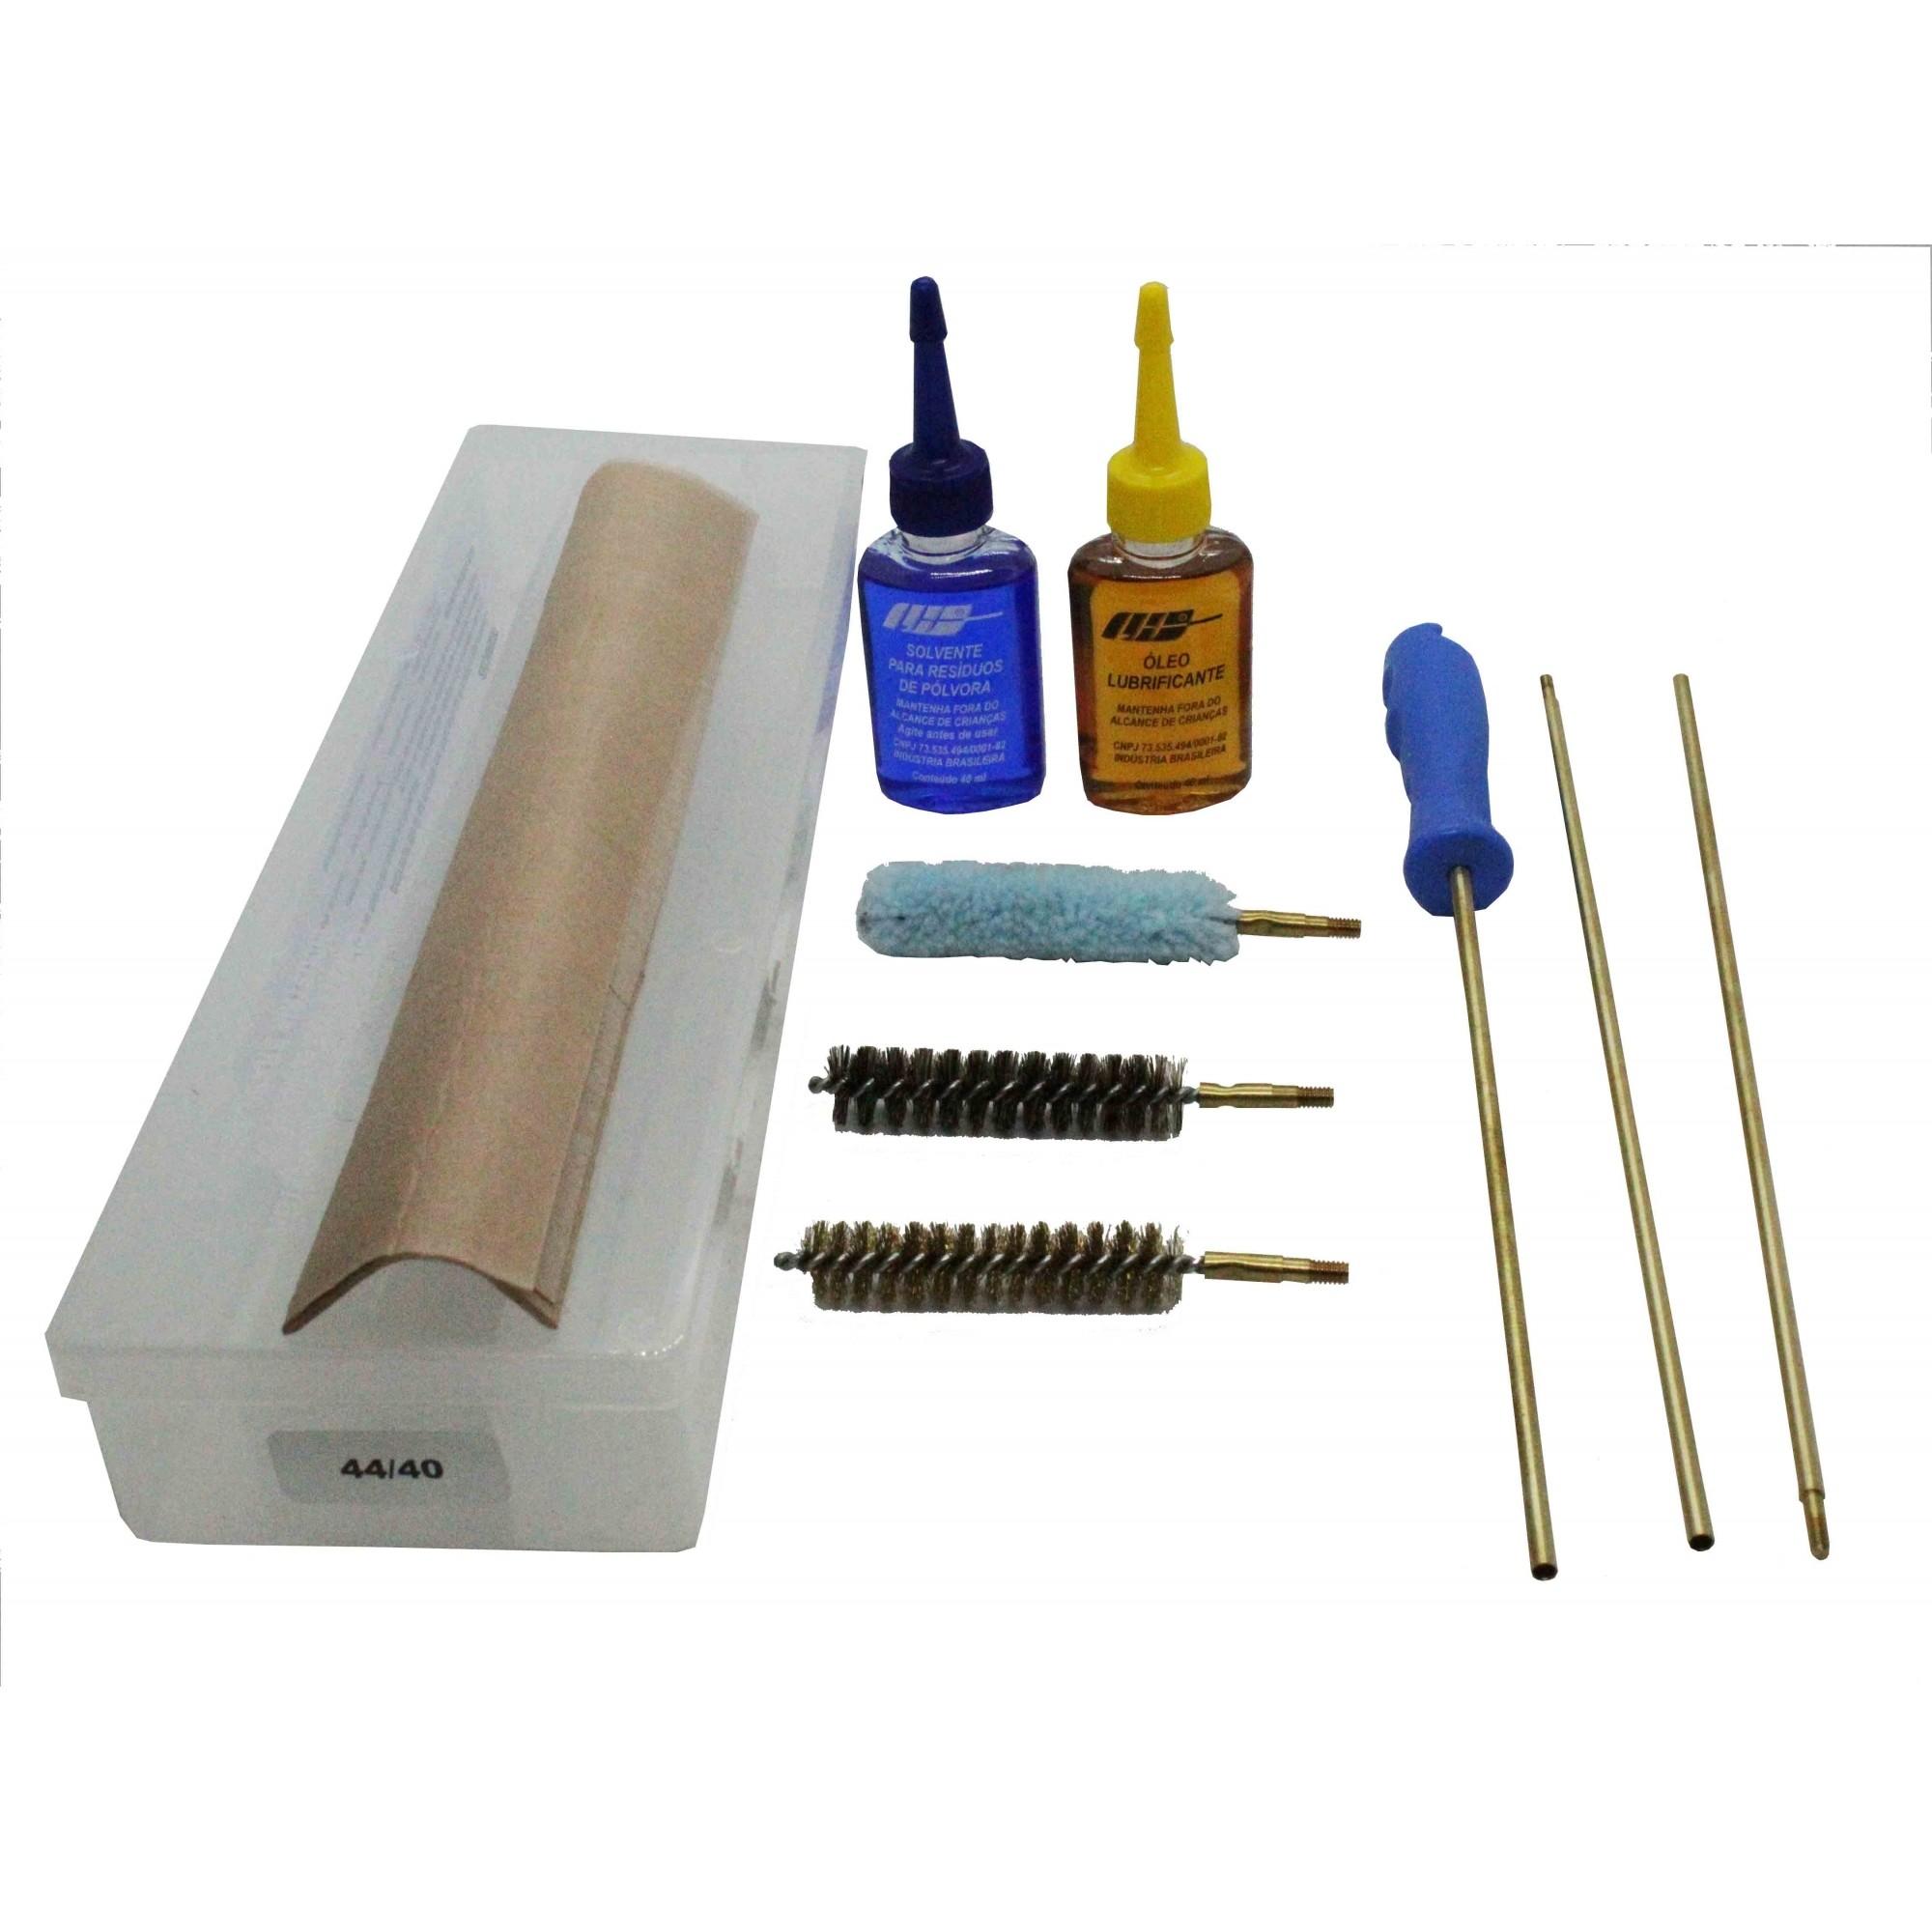 Kit de Limpeza LH Para Espingarda Calibre 40